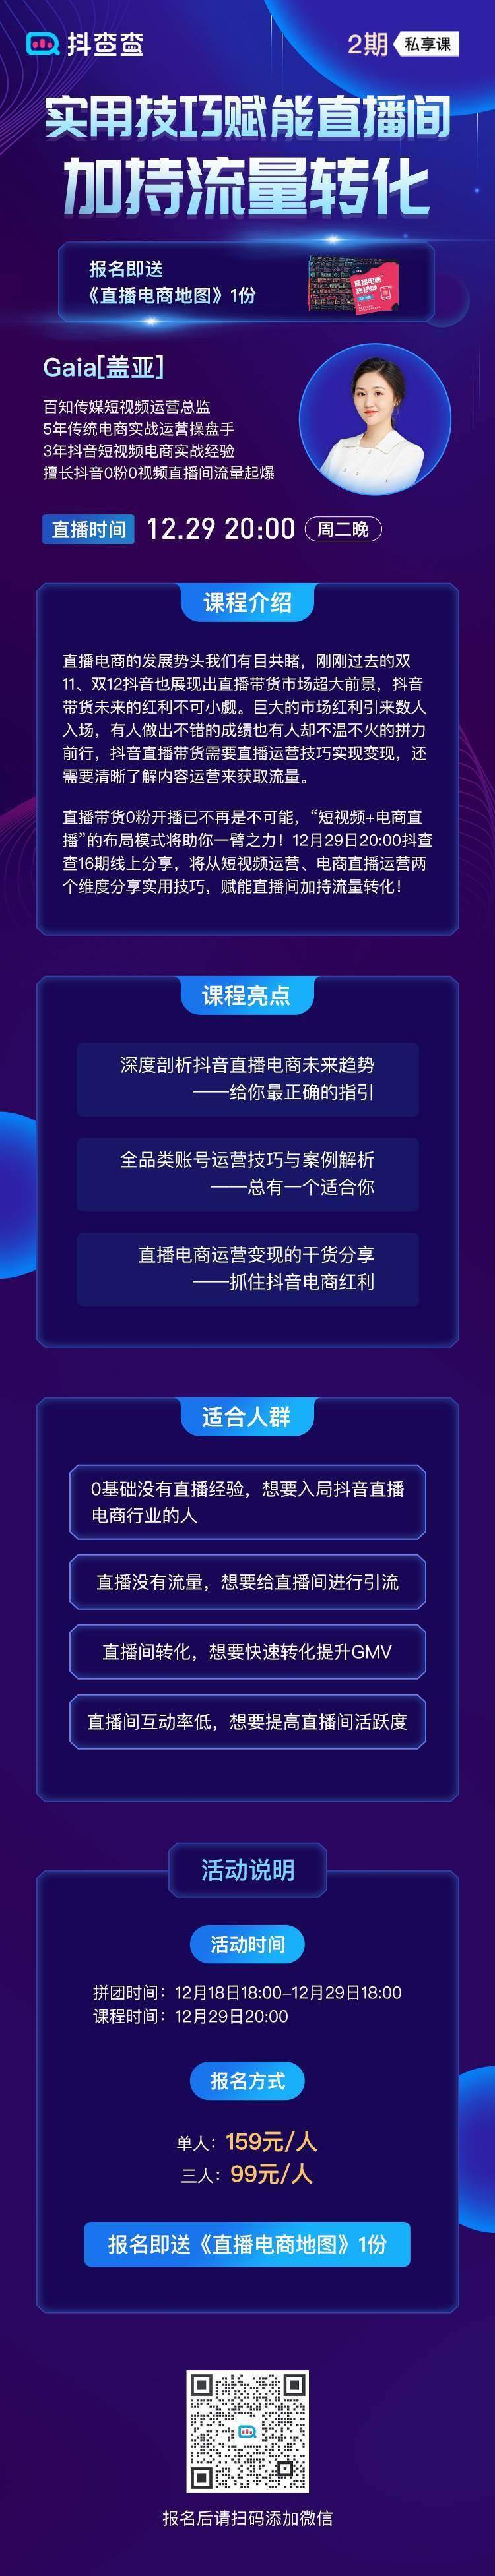 抖查查16期-活动行长图psd.jpg